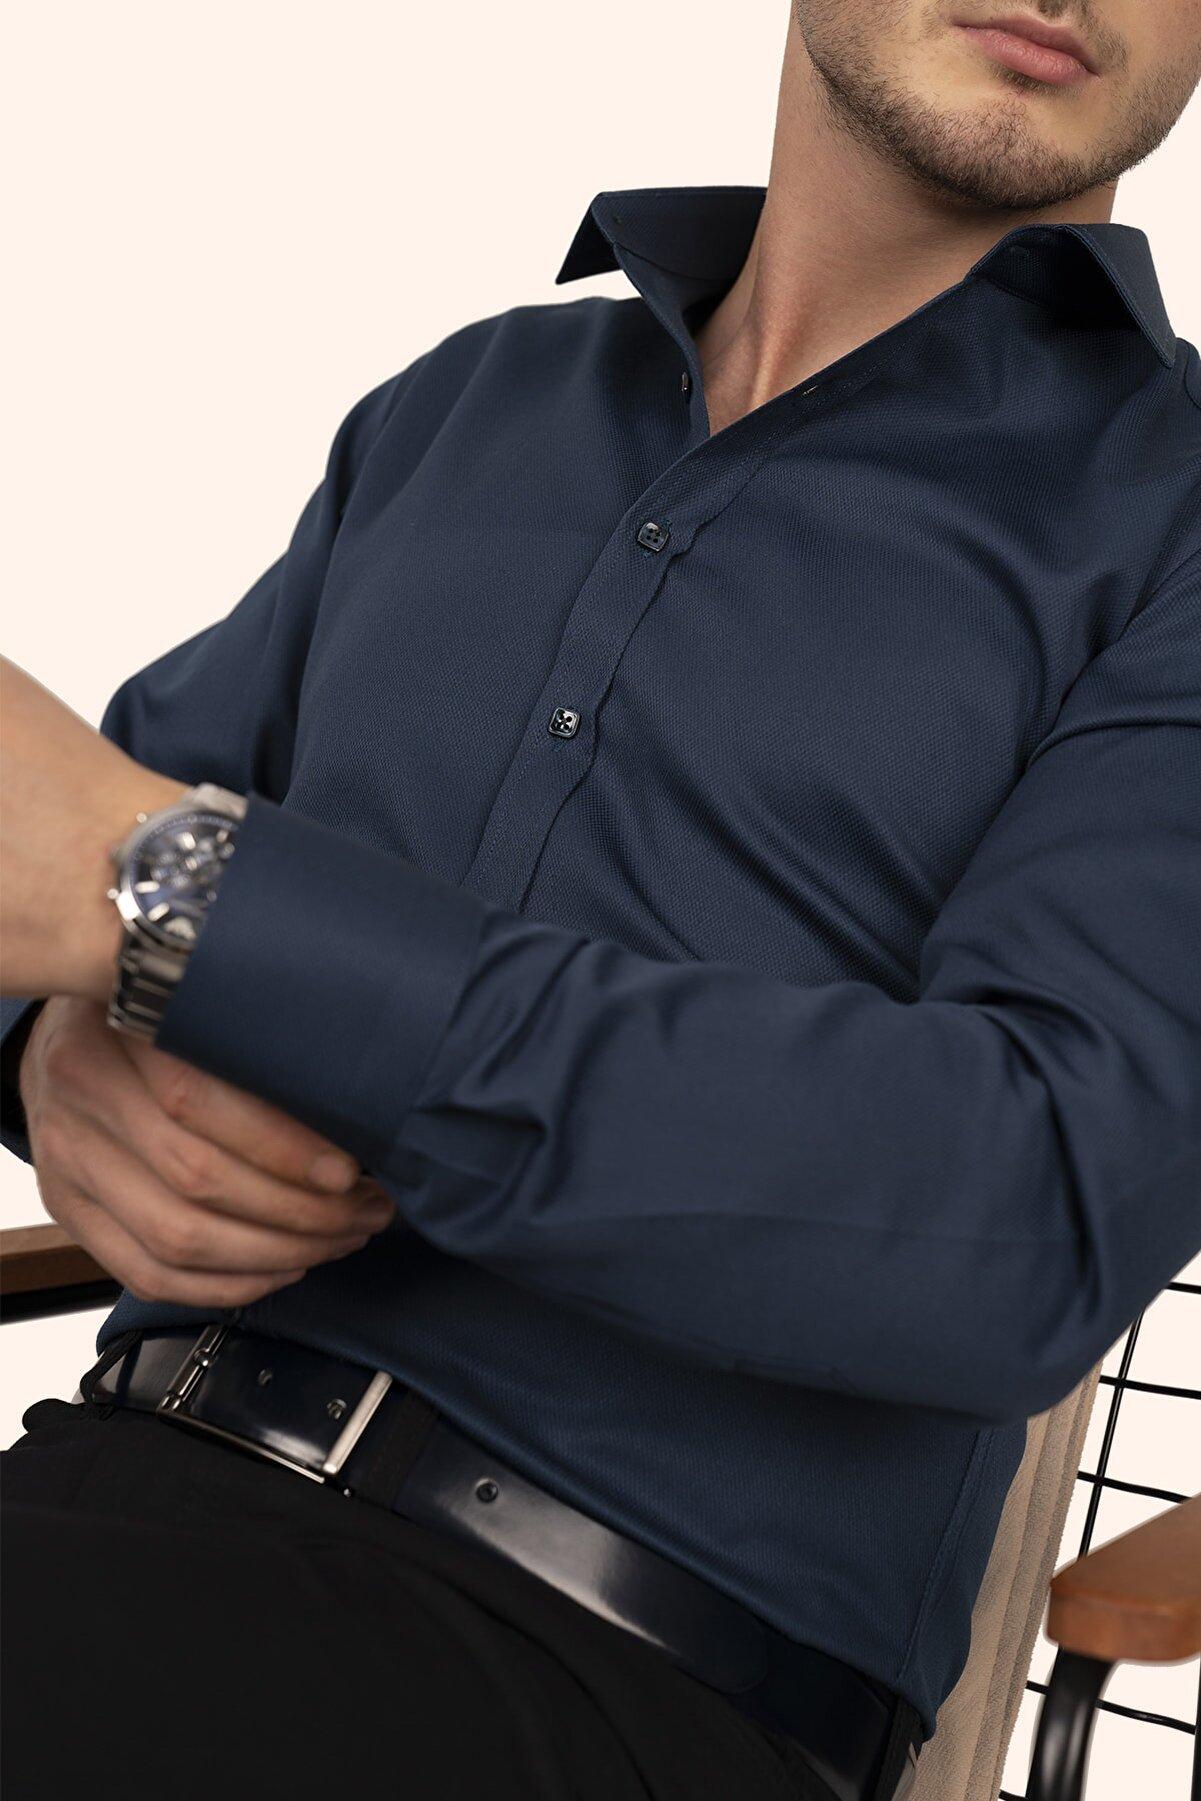 Etikmen Zümrüt Yeşili Kare Düğmeli Erkek Gömlek